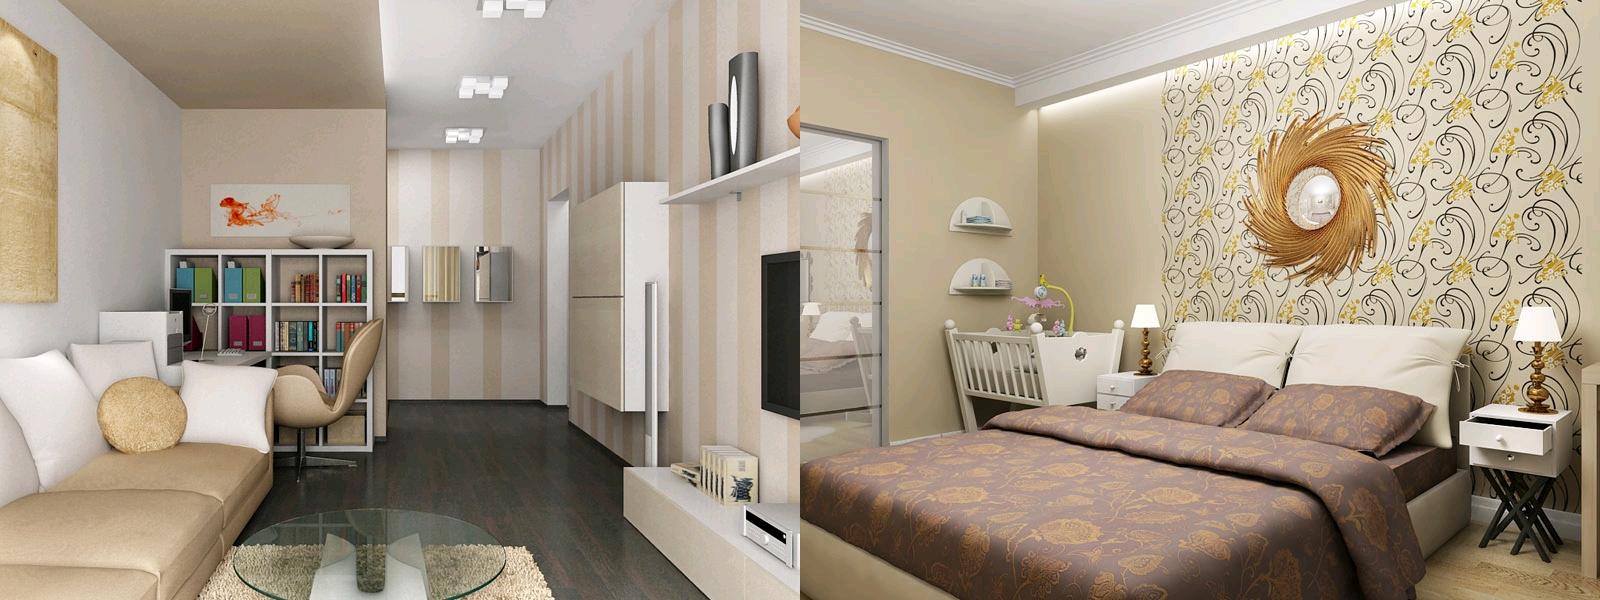 Notranjost 2 x sobno stanovanje 60 m2